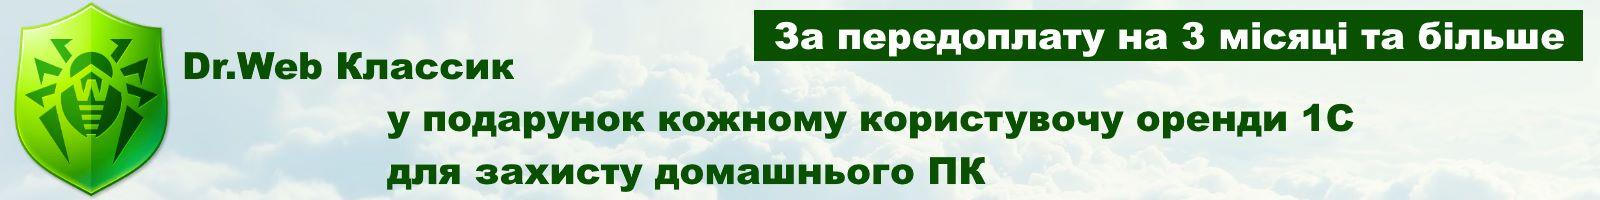 Антивирус доктор ВЕБ в облаке в подарок для пользователей аренда 1С